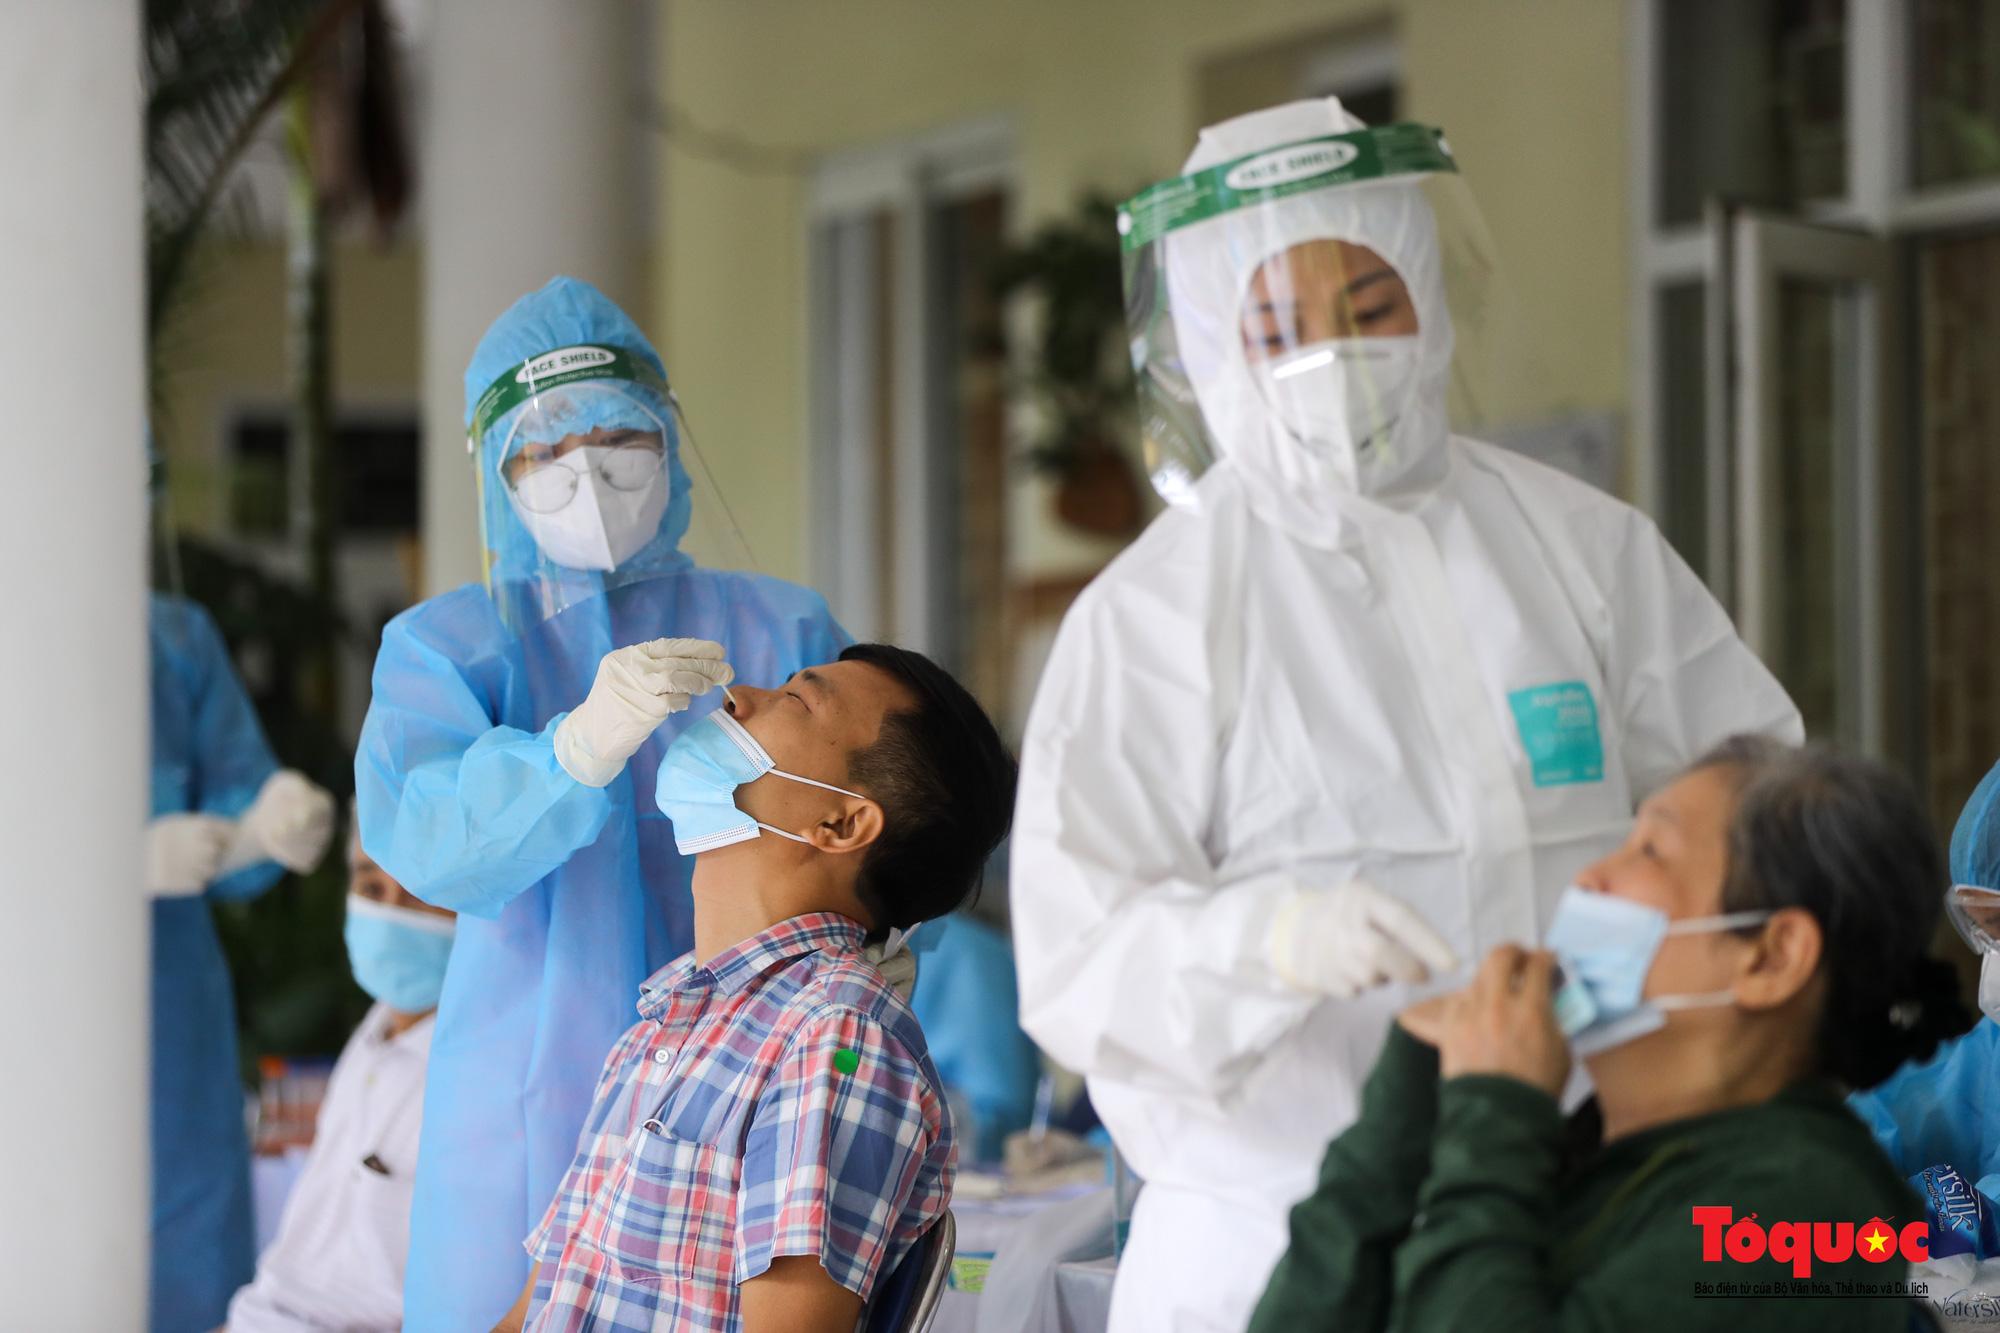 Hà Nội: Thần tốc xét nghiệm Covid-19 cho 100% người dân trên địa bàn - Ảnh 19.